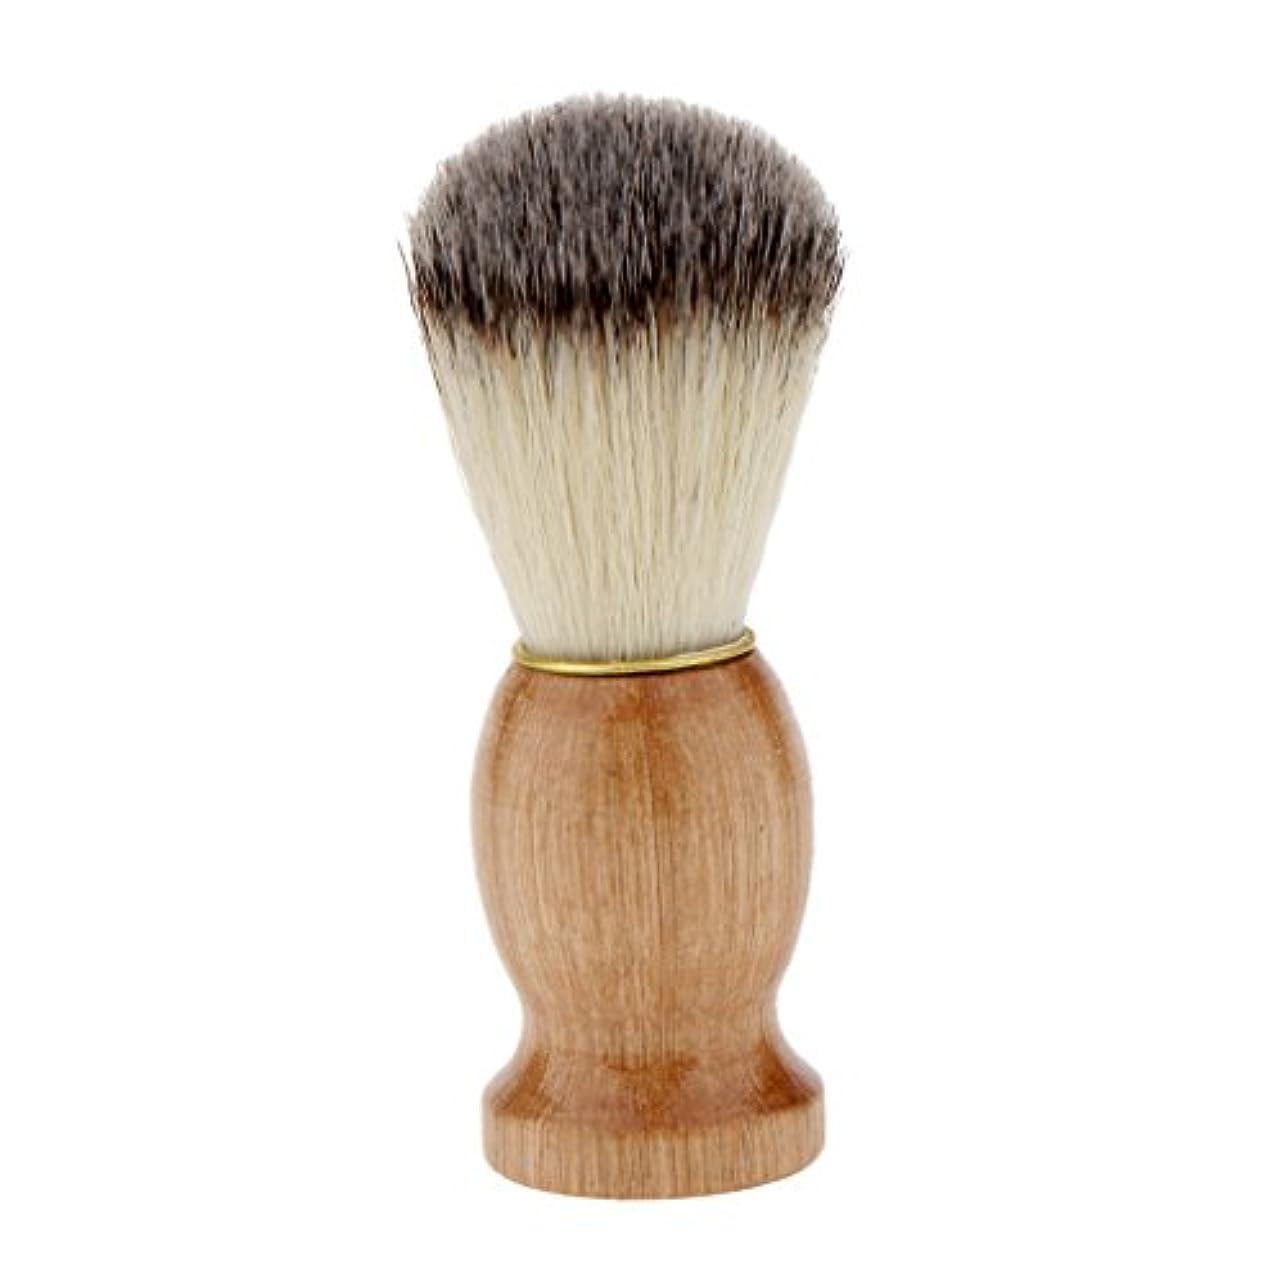 ダッシュ苗マニュアルシェービングブラシ コスメブラシ 木製ハンドル メンズ ひげ剃りブラシ クレンジング